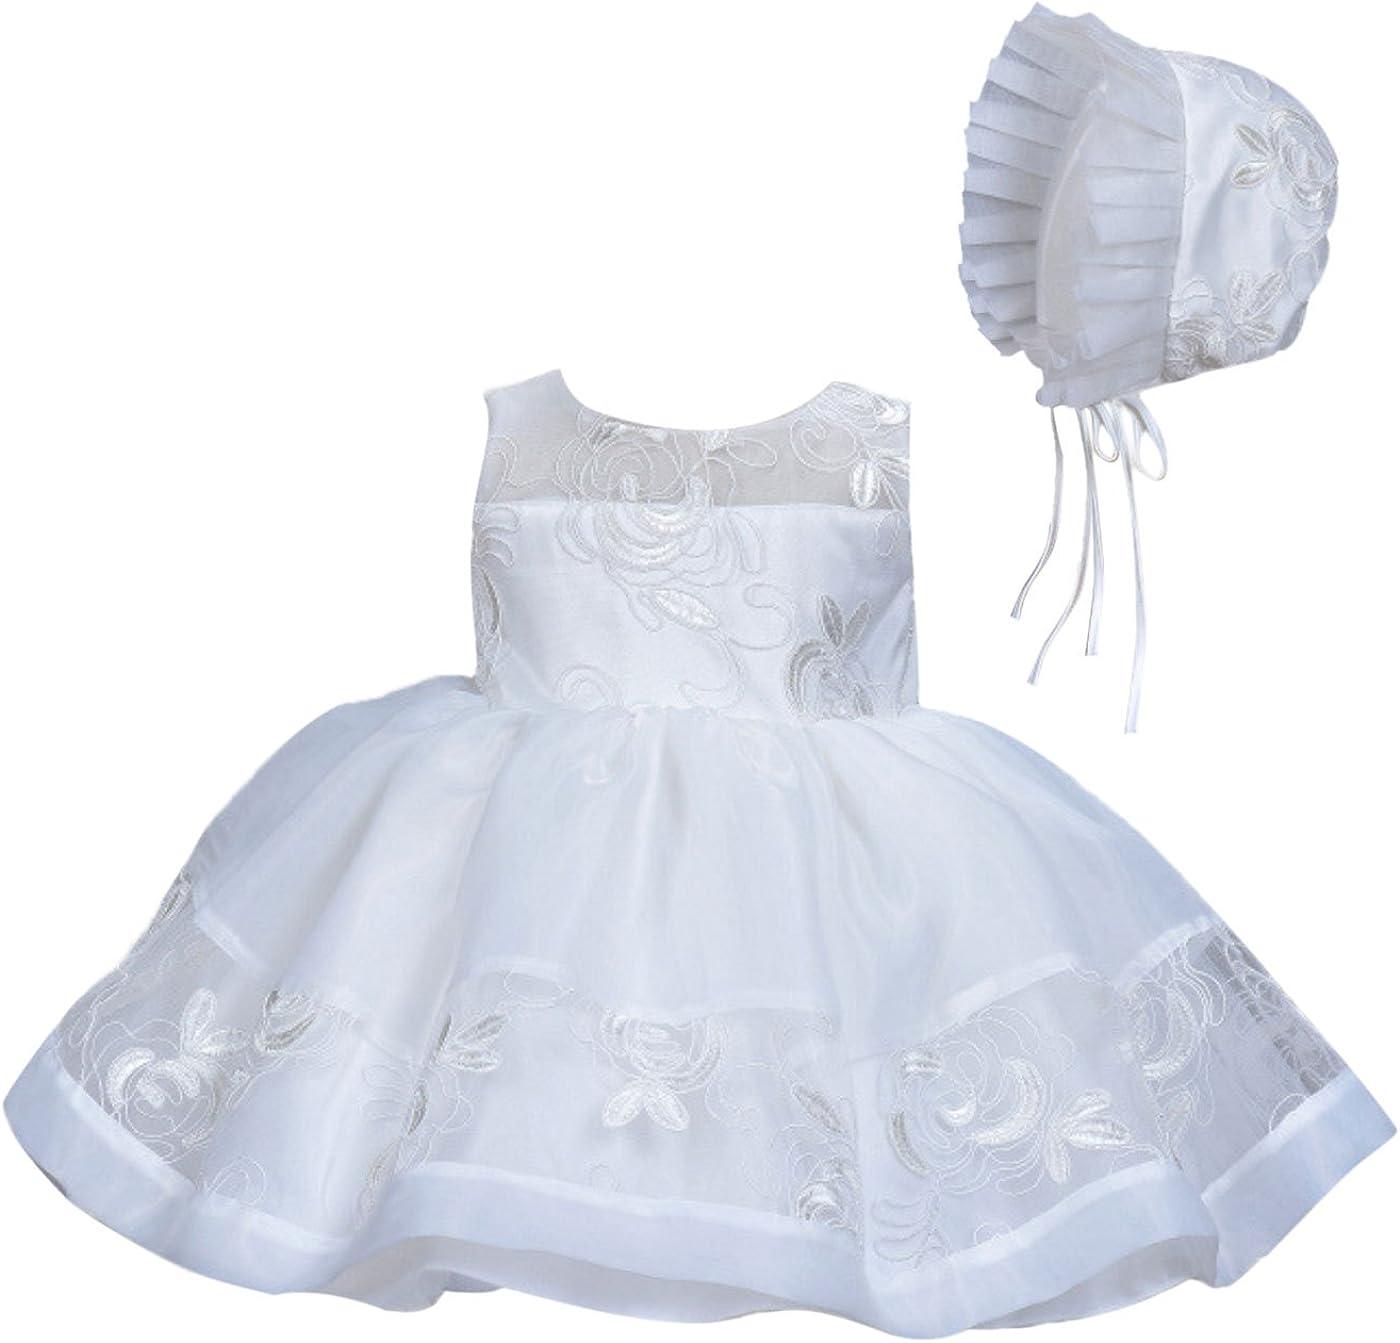 Neu Baby Mädchen Elfenbein Weiße Spitze Taufe Partykleid 0 3 6 12 18 24 Monate